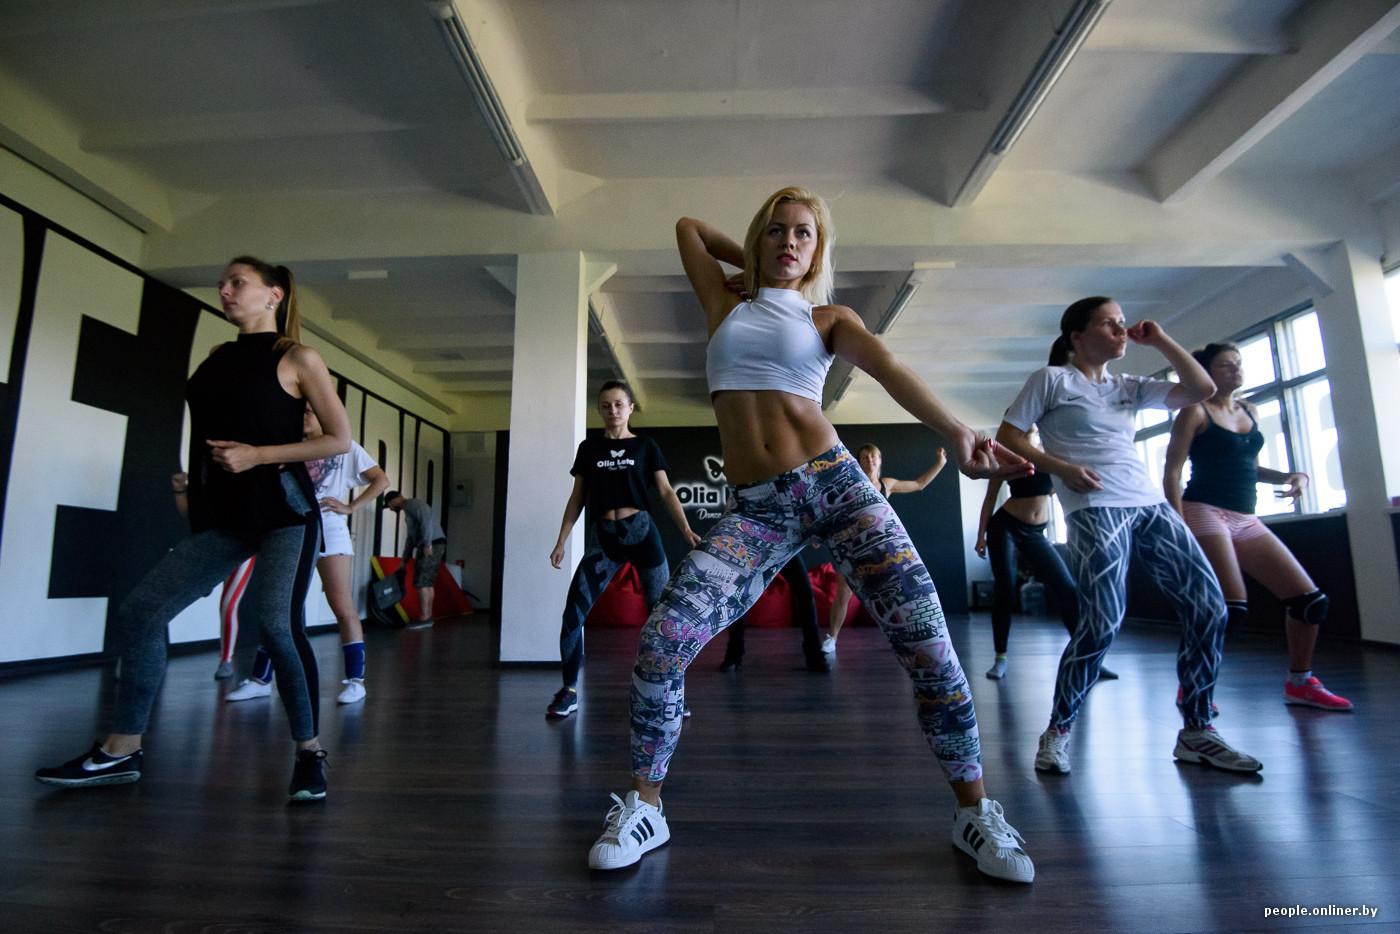 Порно с девочками которые танцуют танцы go go